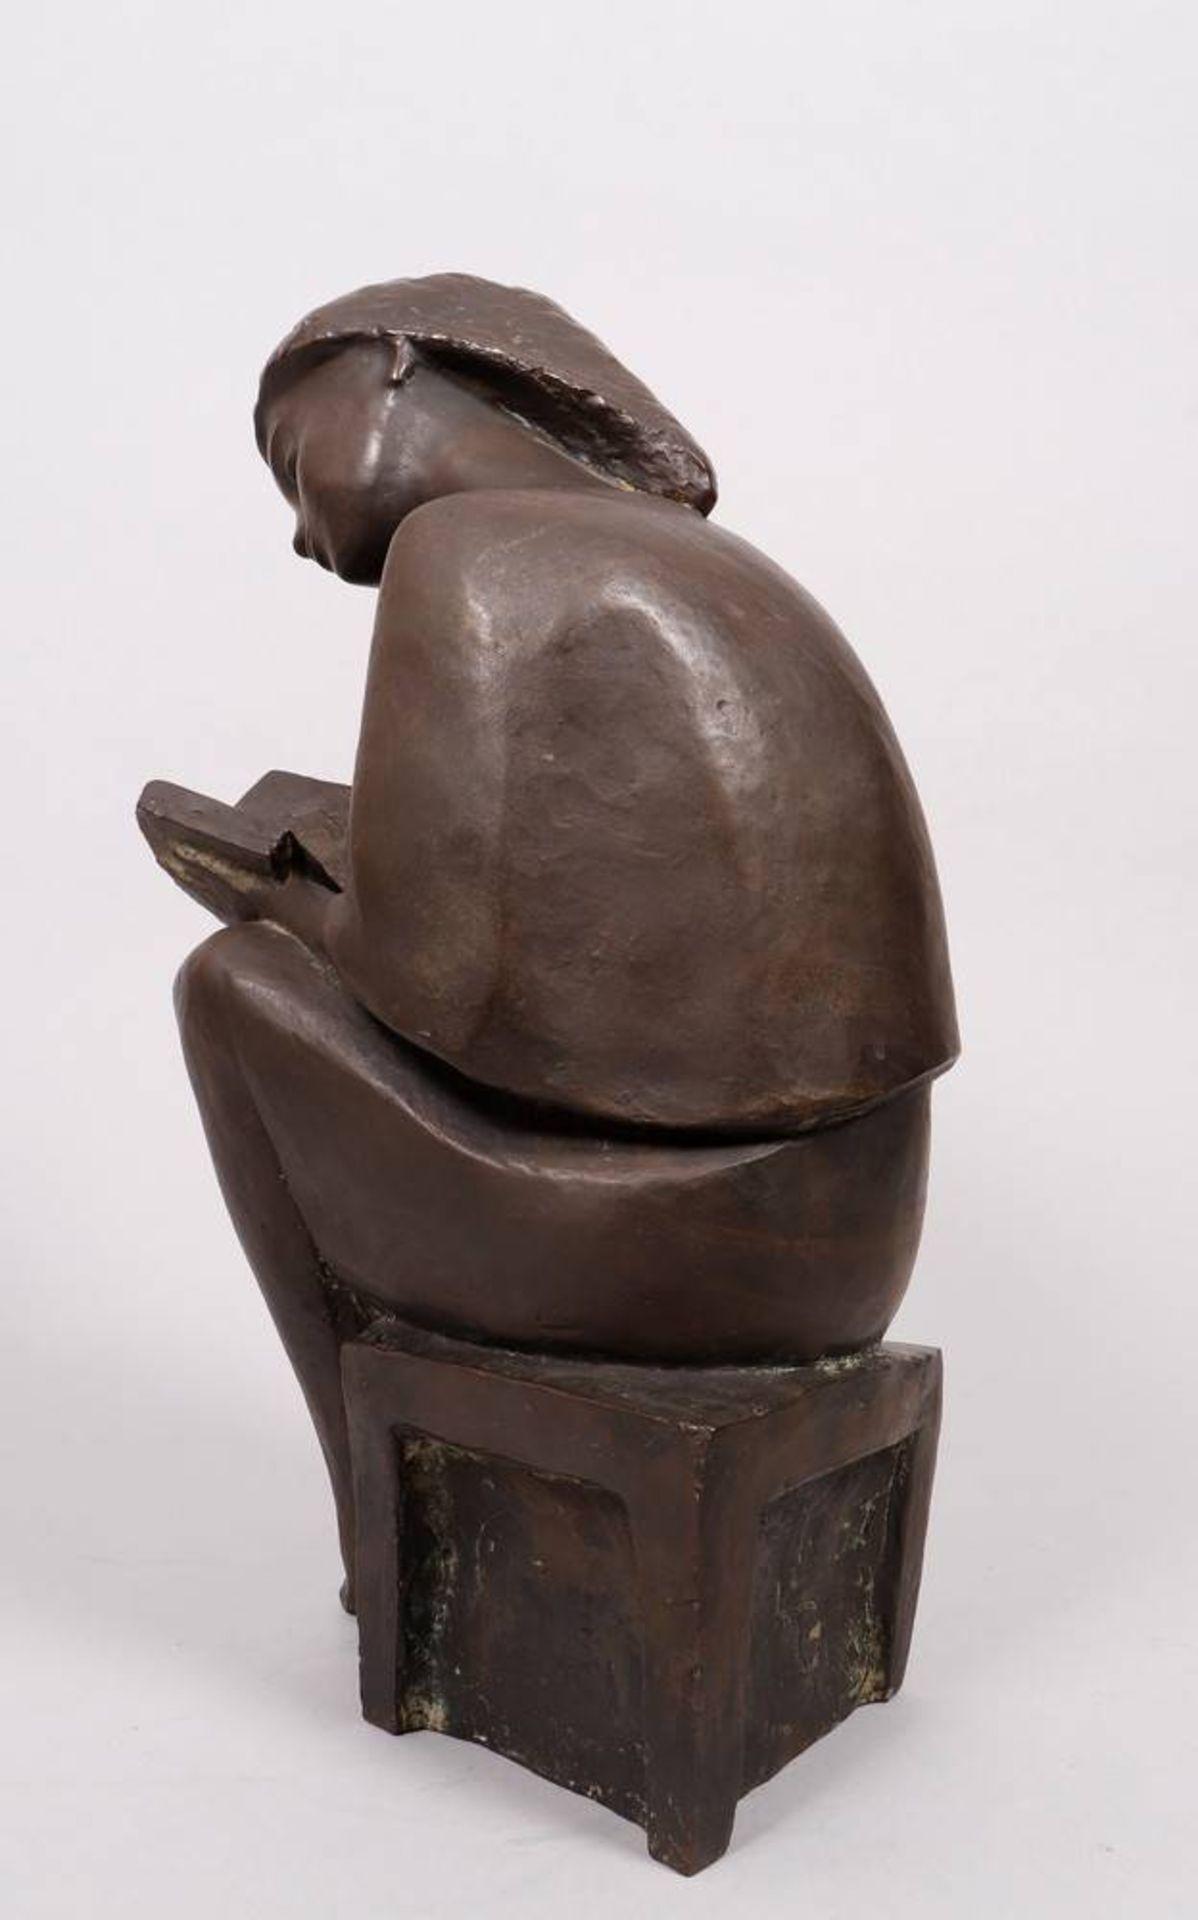 Karlheinz Goedtke (1915, Kattowitz (Katowice) - 1995, Mölln) - Image 3 of 5